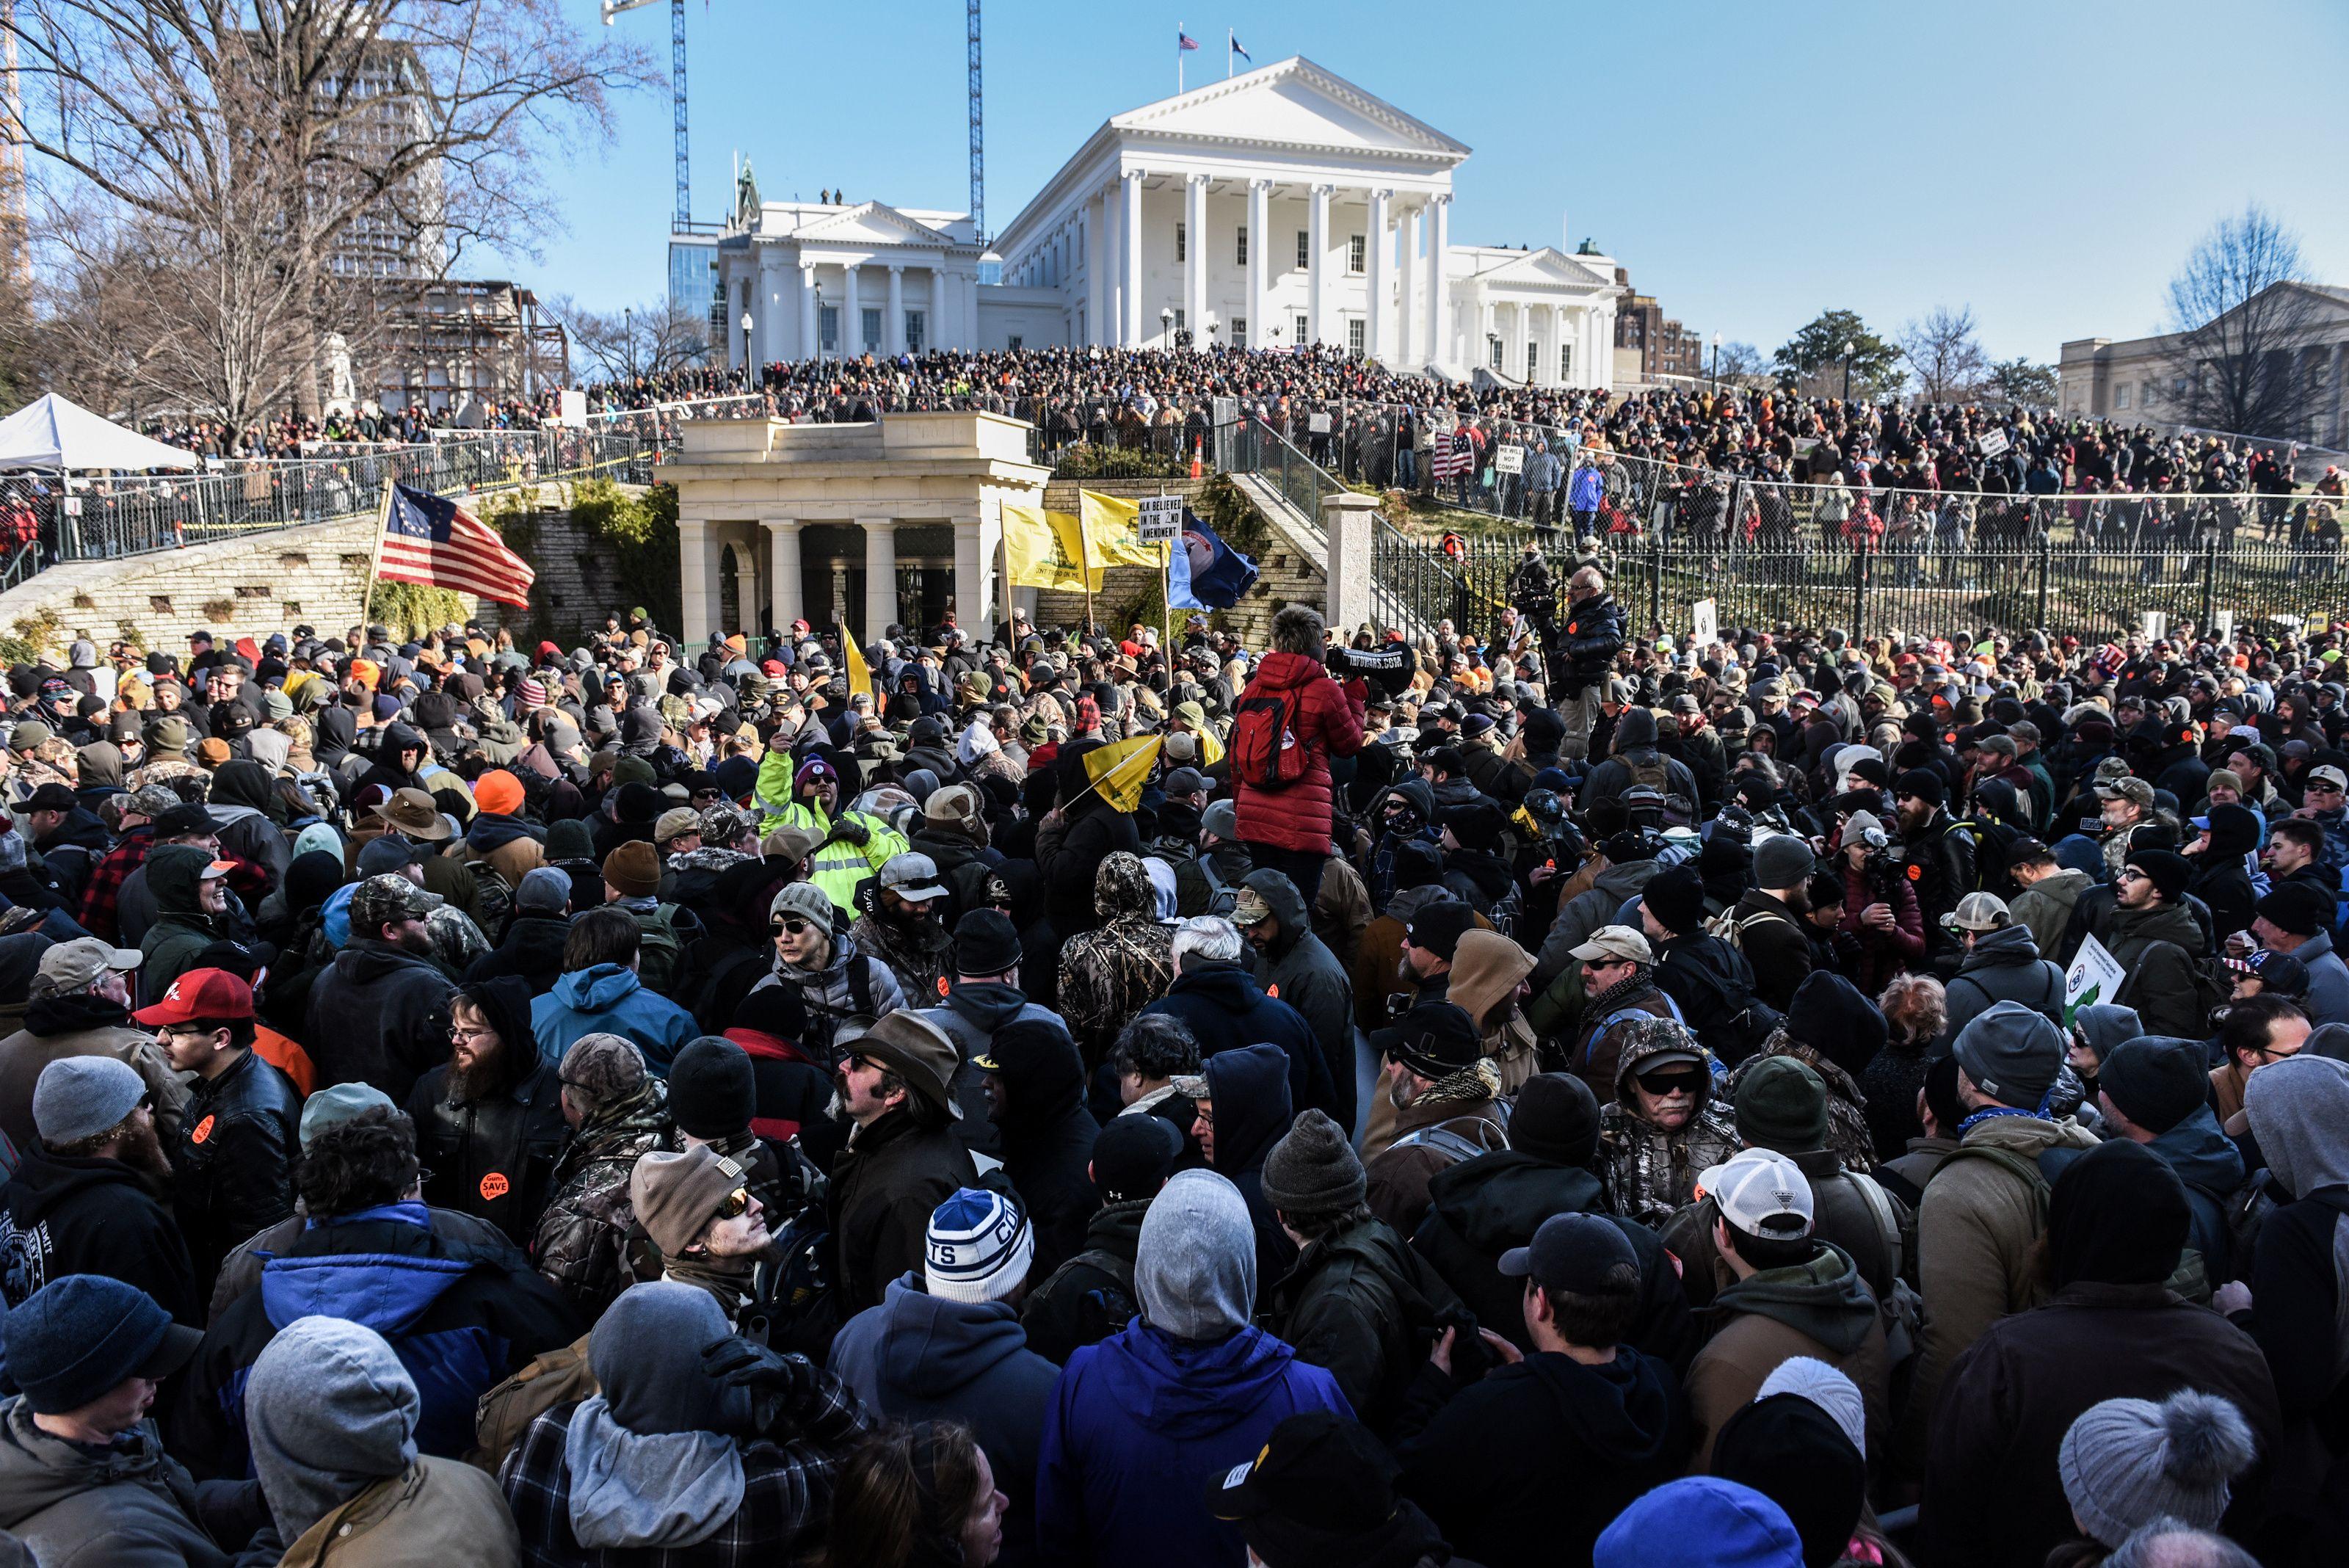 La manifestación atrajo a miles de entusiastas de las armas (REUTERS/Stephanie Keith)